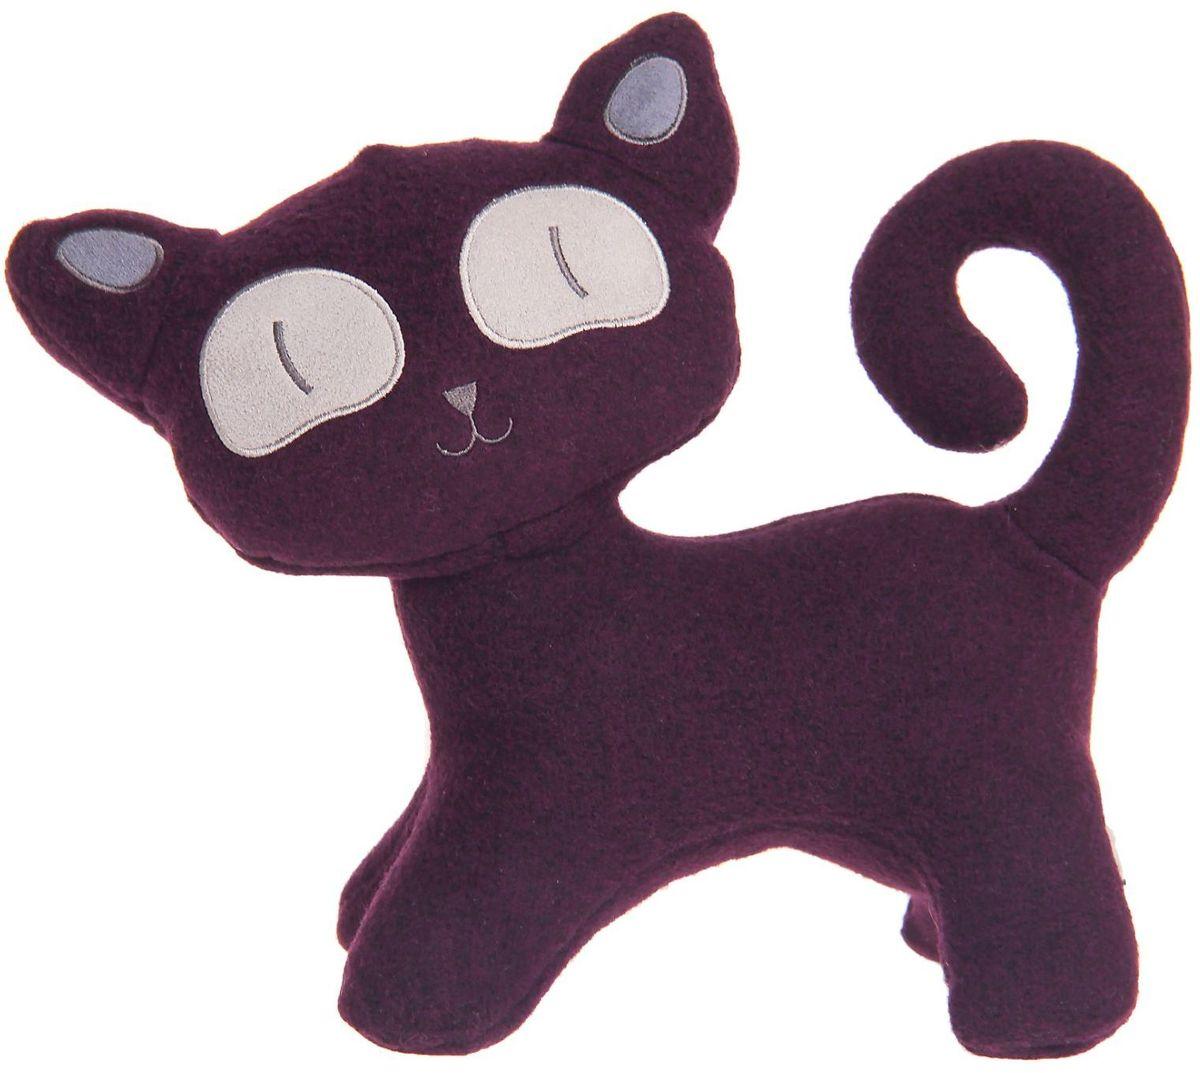 Gund Мягкая игрушка Кошка Hasumi 25,5 см 2245504 gund мягкая игрушка velvetino с зеленым шарфом 30 5 см